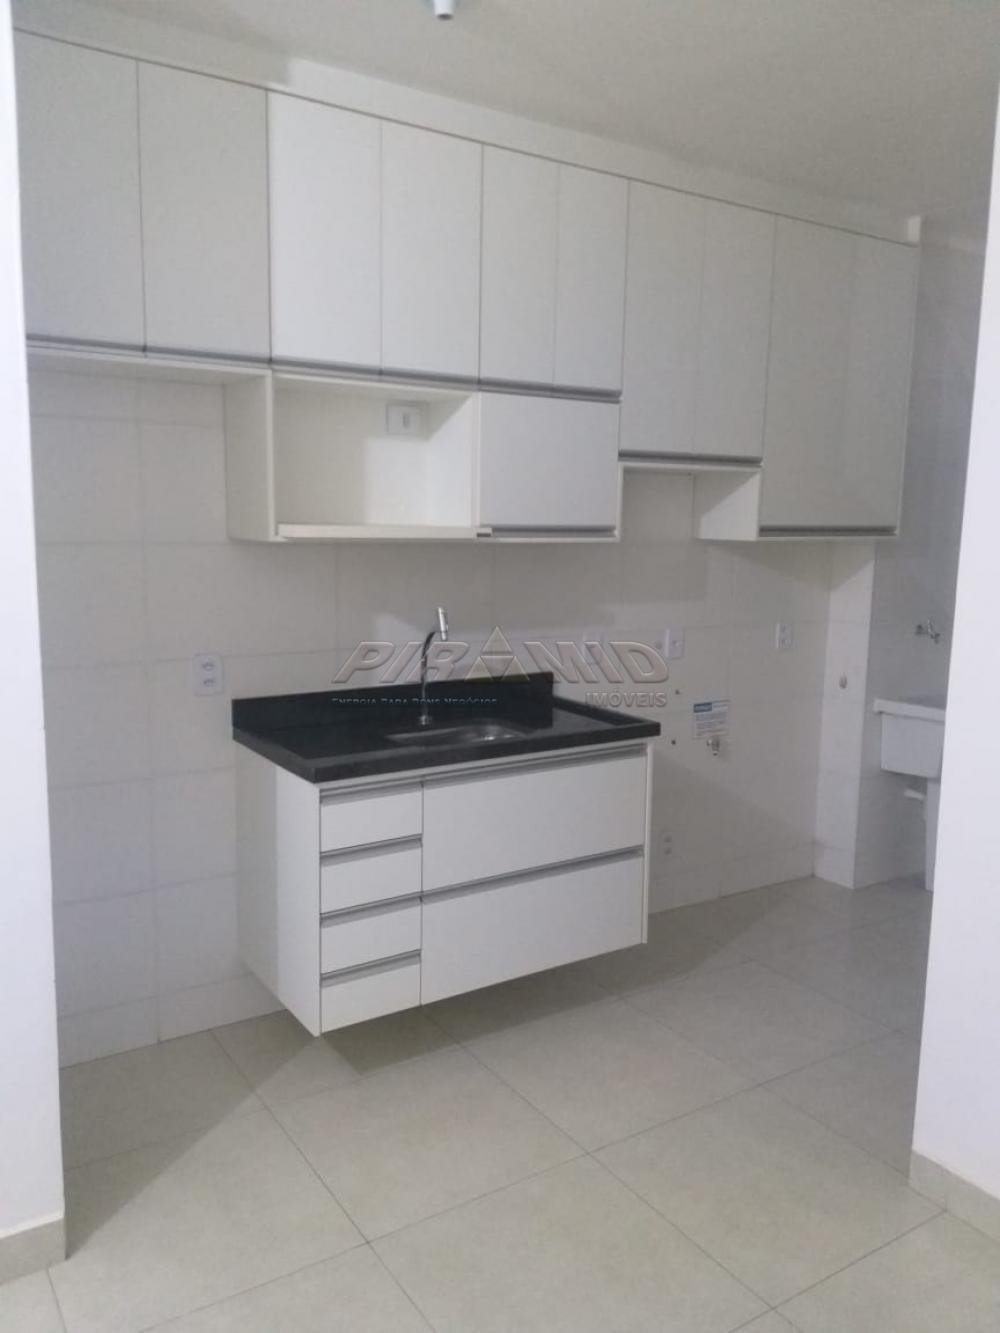 Alugar Apartamento / Padrão em Ribeirão Preto apenas R$ 944,00 - Foto 4